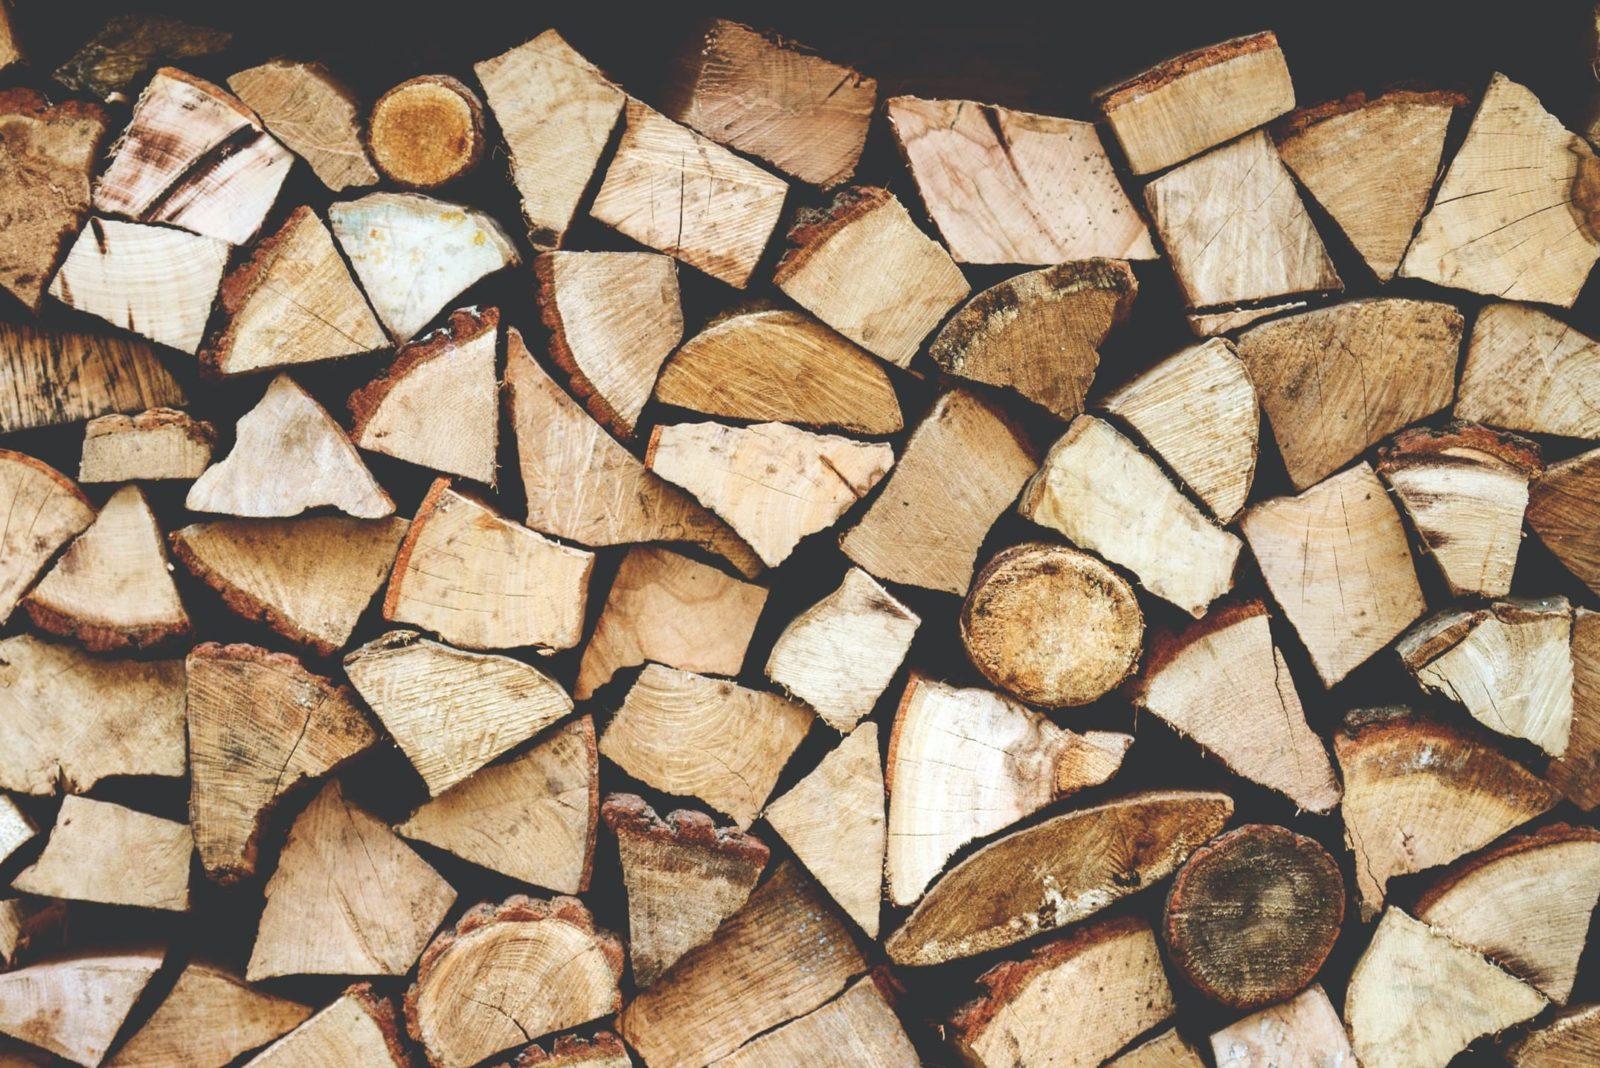 pile of split wood